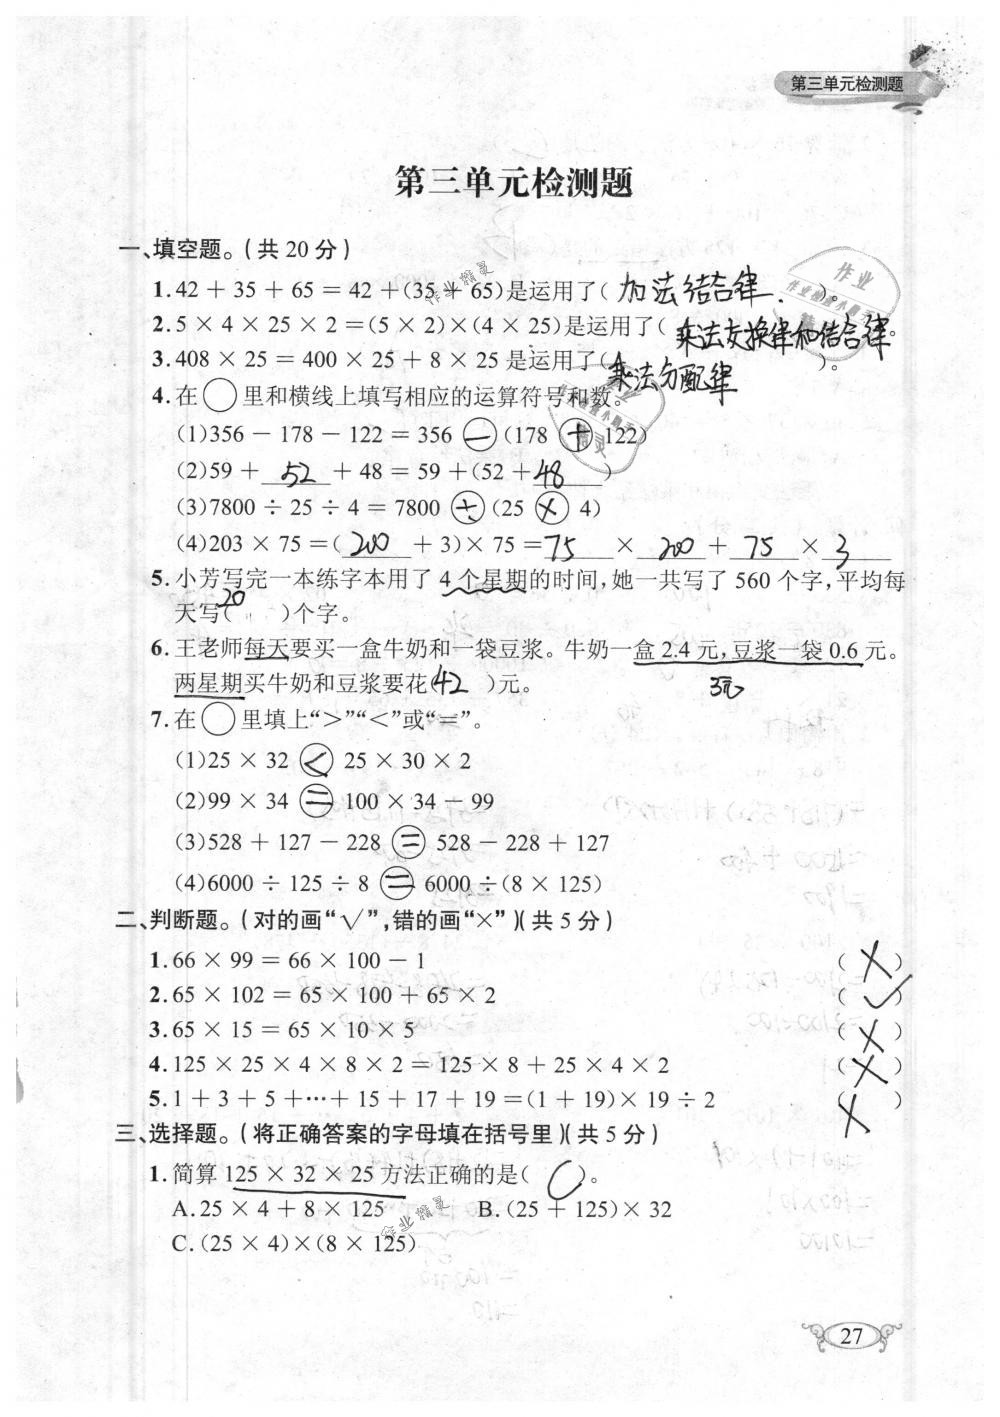 2019年长江作业本同步练习册四年级数学下册人教版参考答案第27页